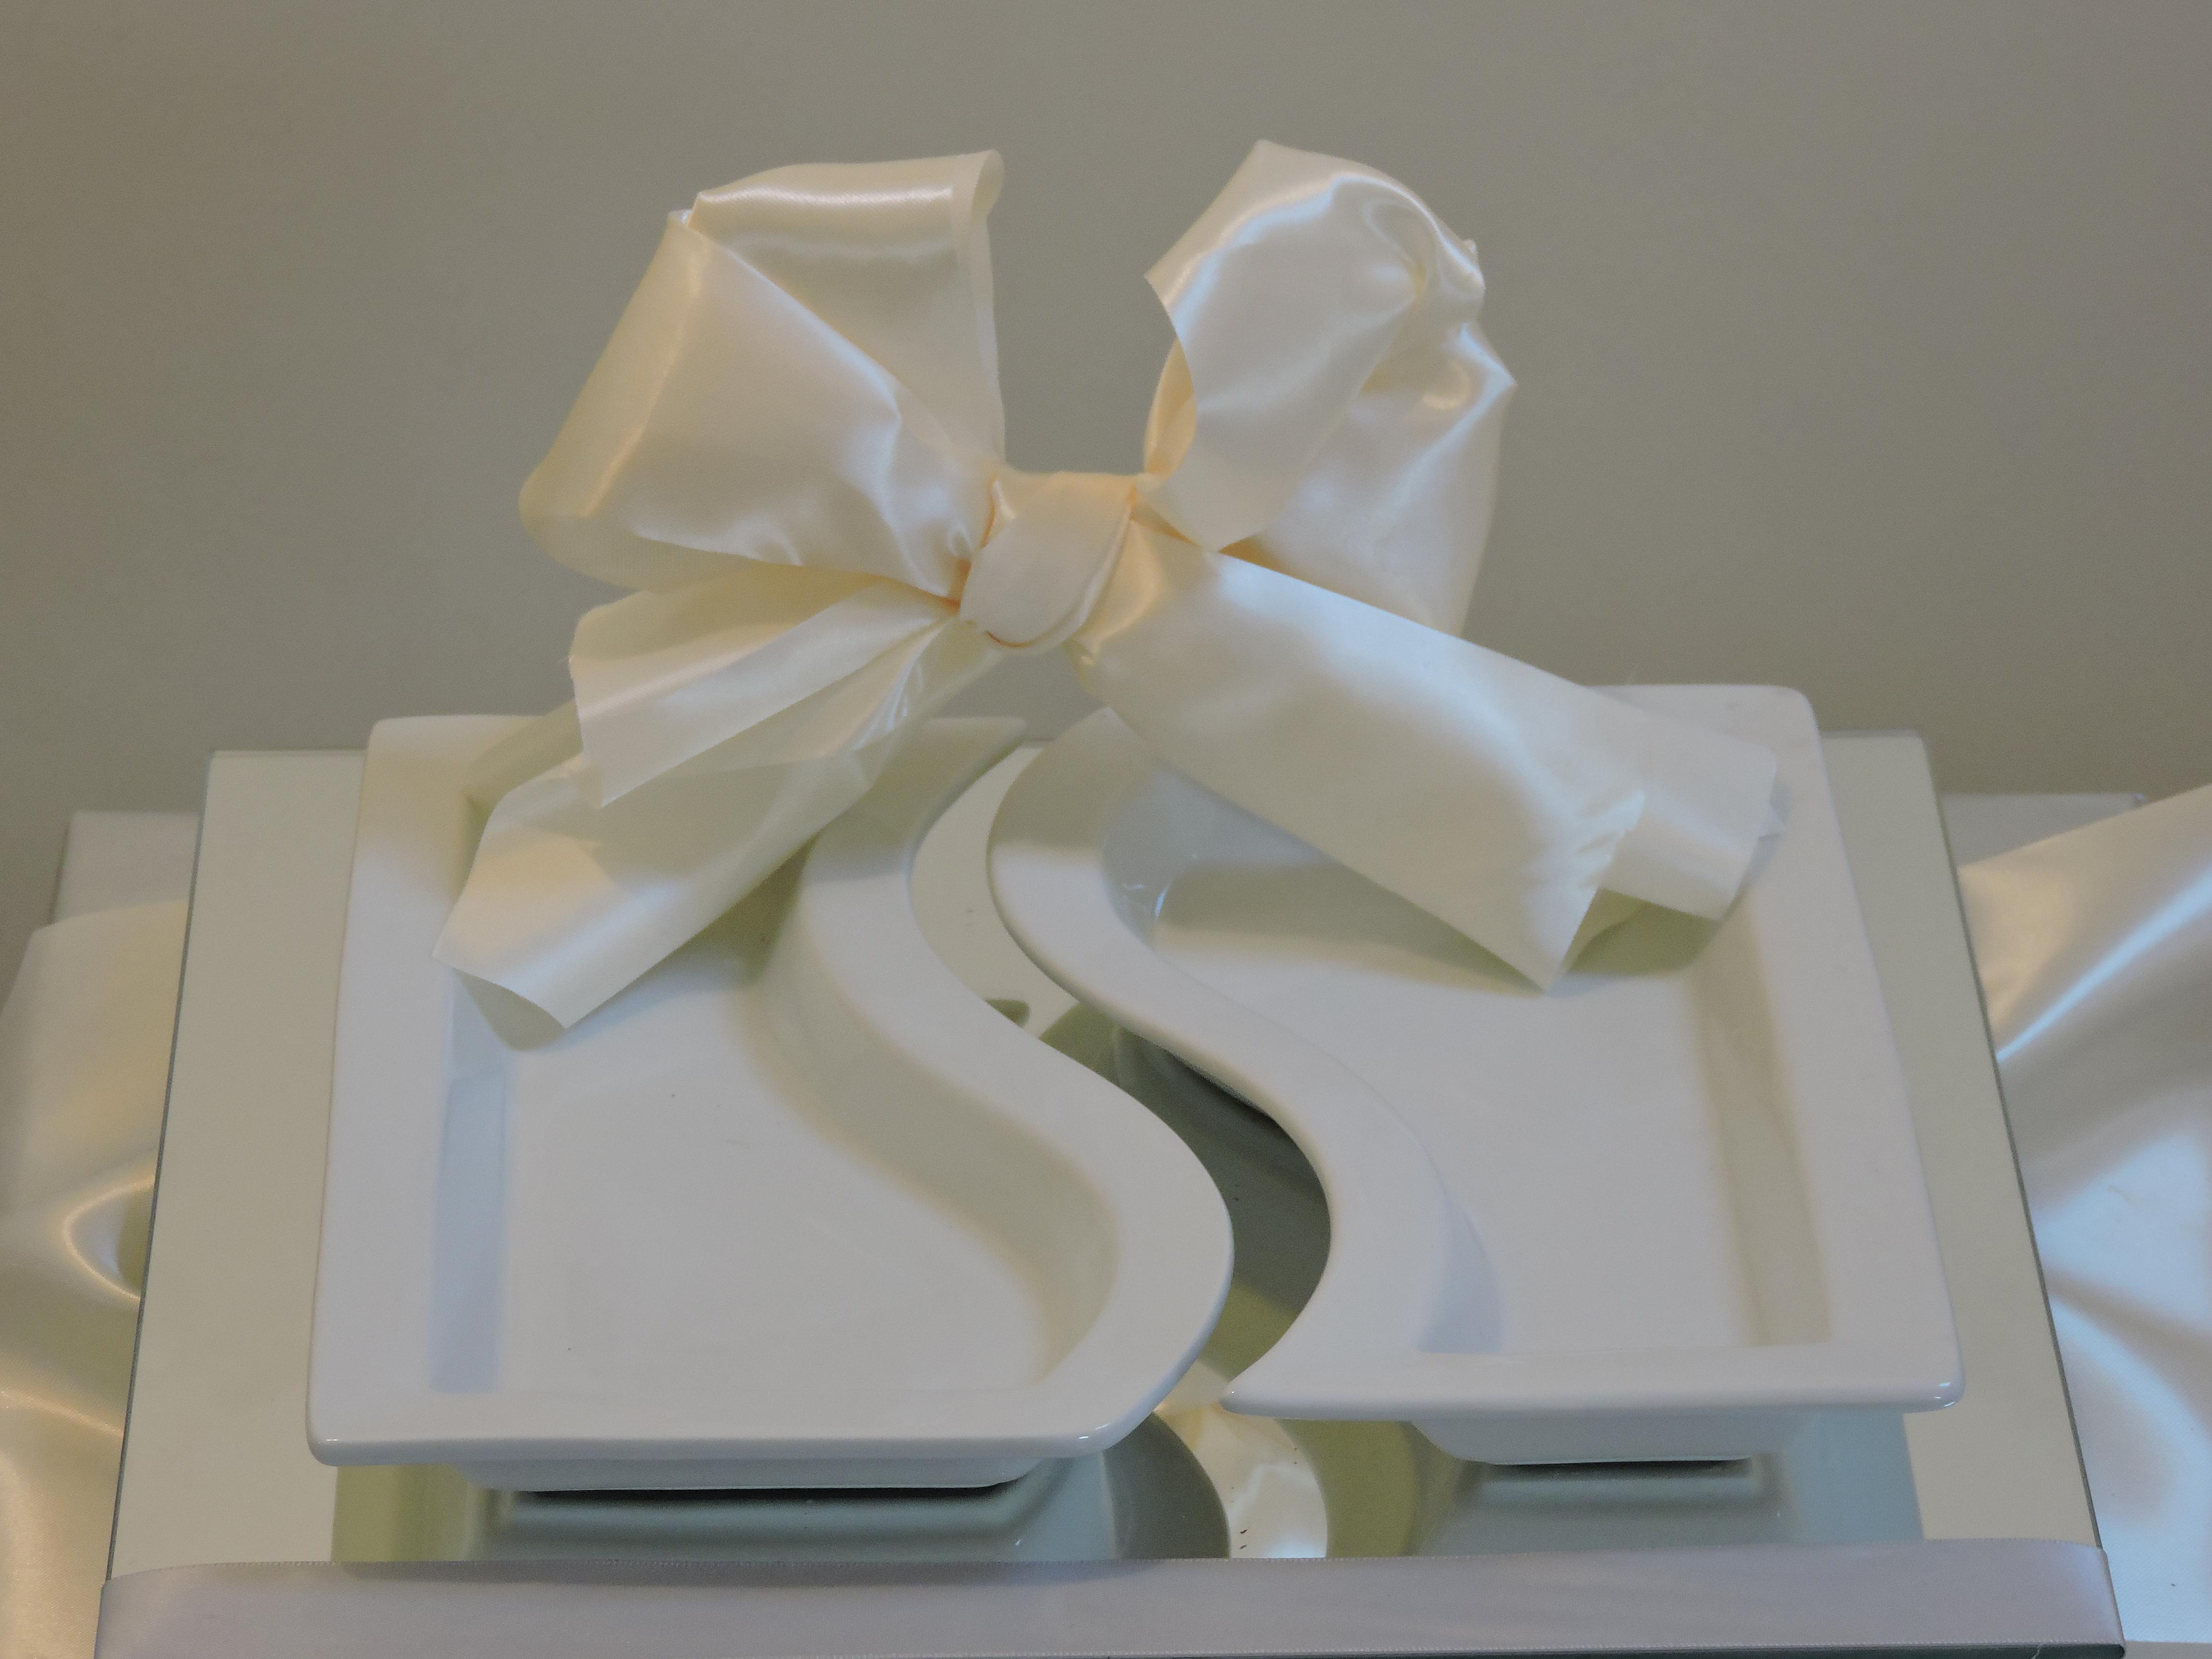 White Dish Gift